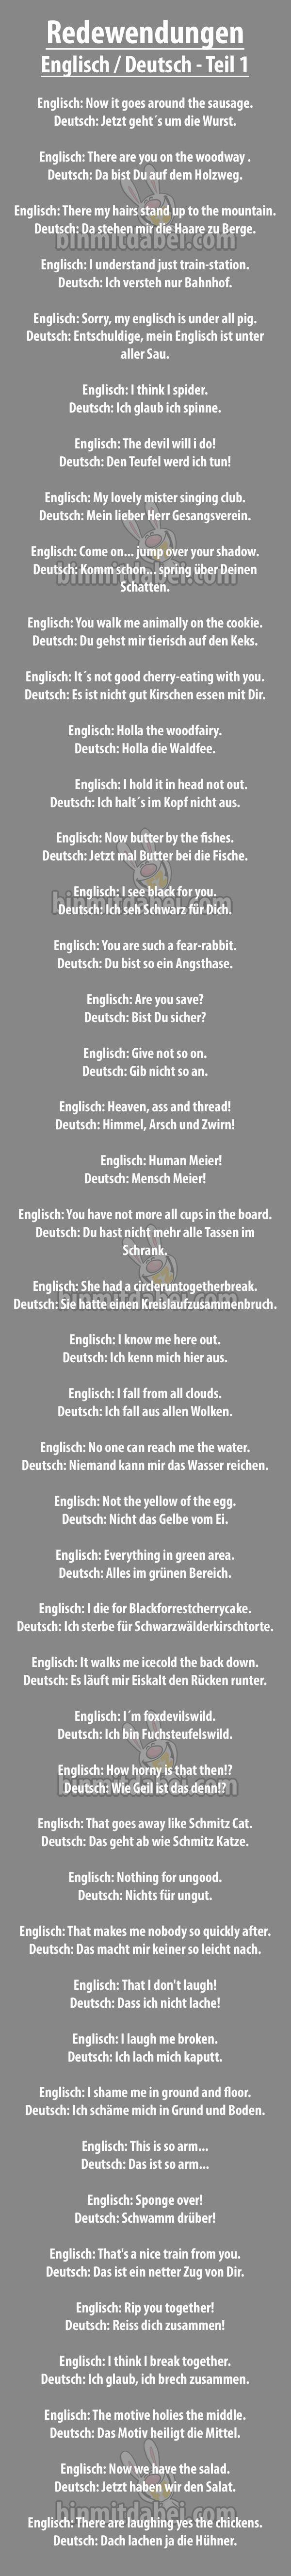 Übersetzung deutscher Sprichwörter ins Englische...